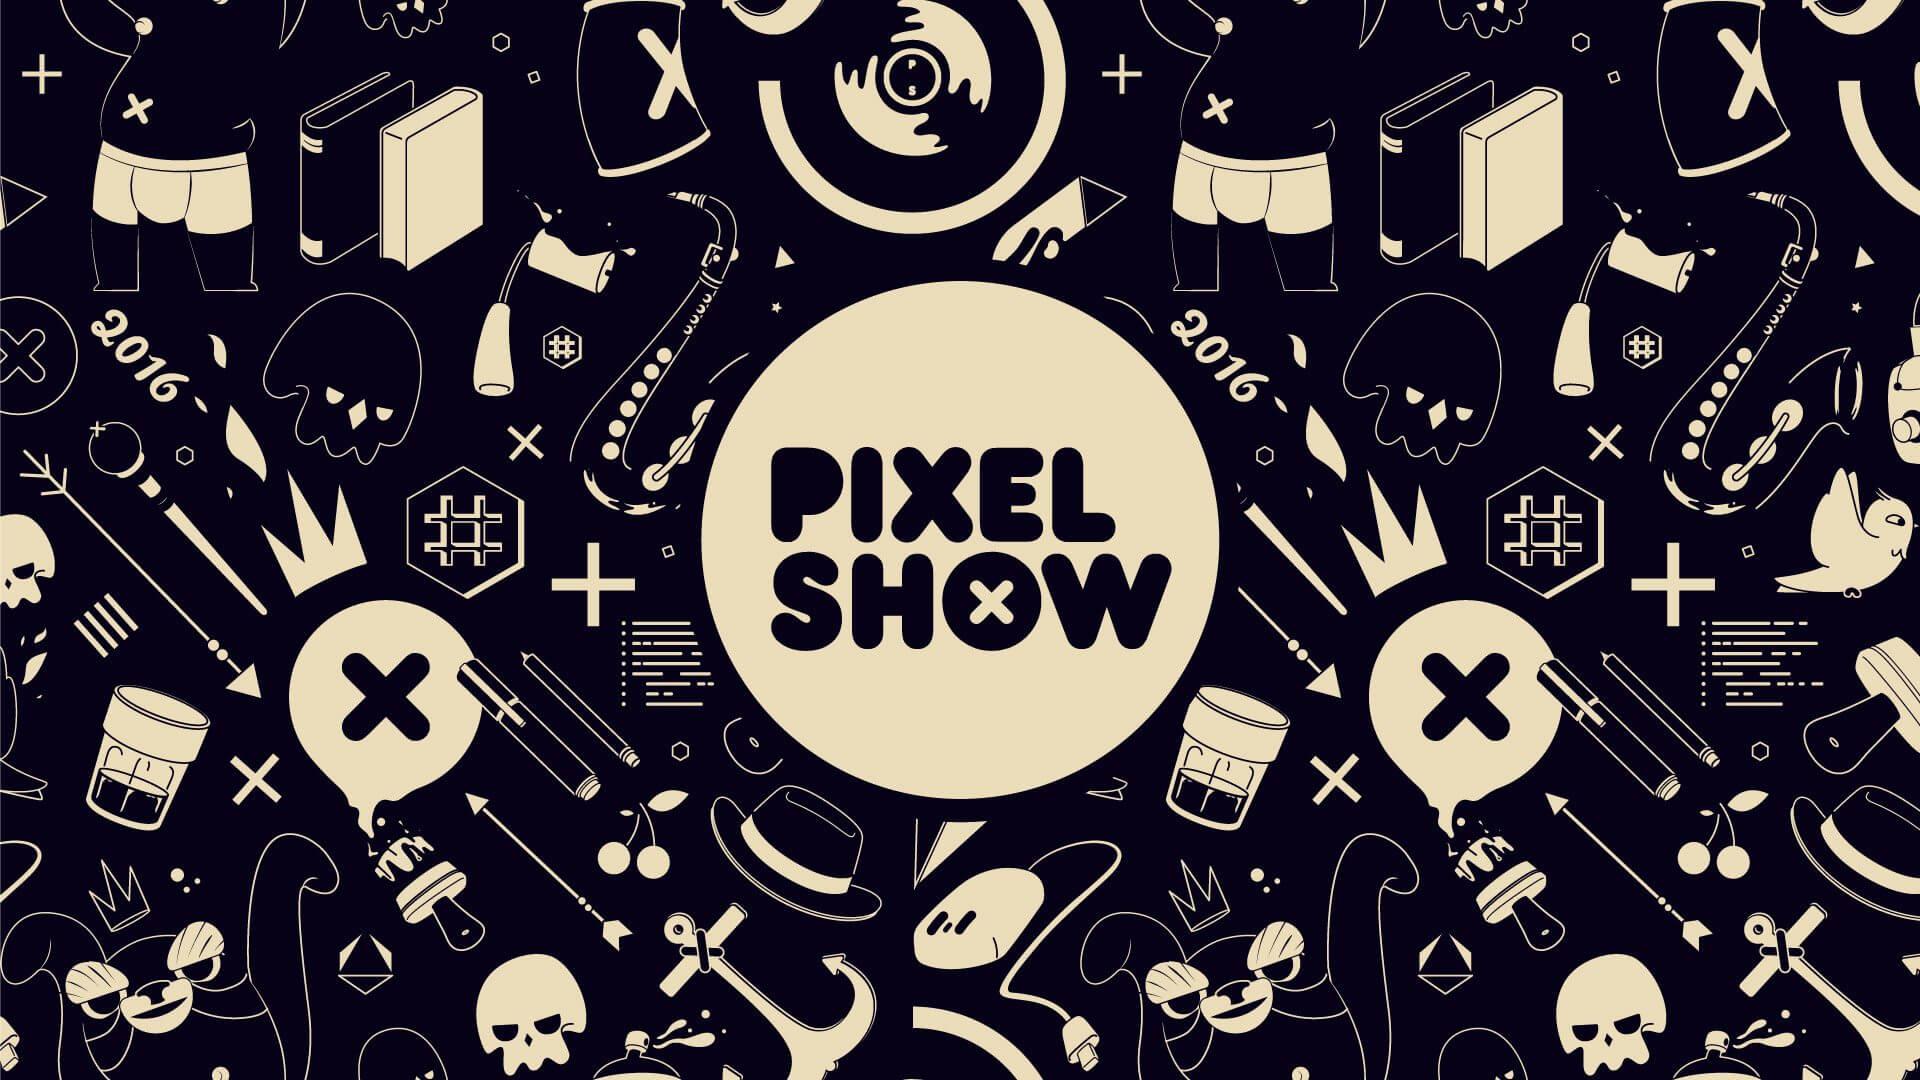 Pixel Show acontecerá nesse final de semana e contará com a presença de influenciadores 4